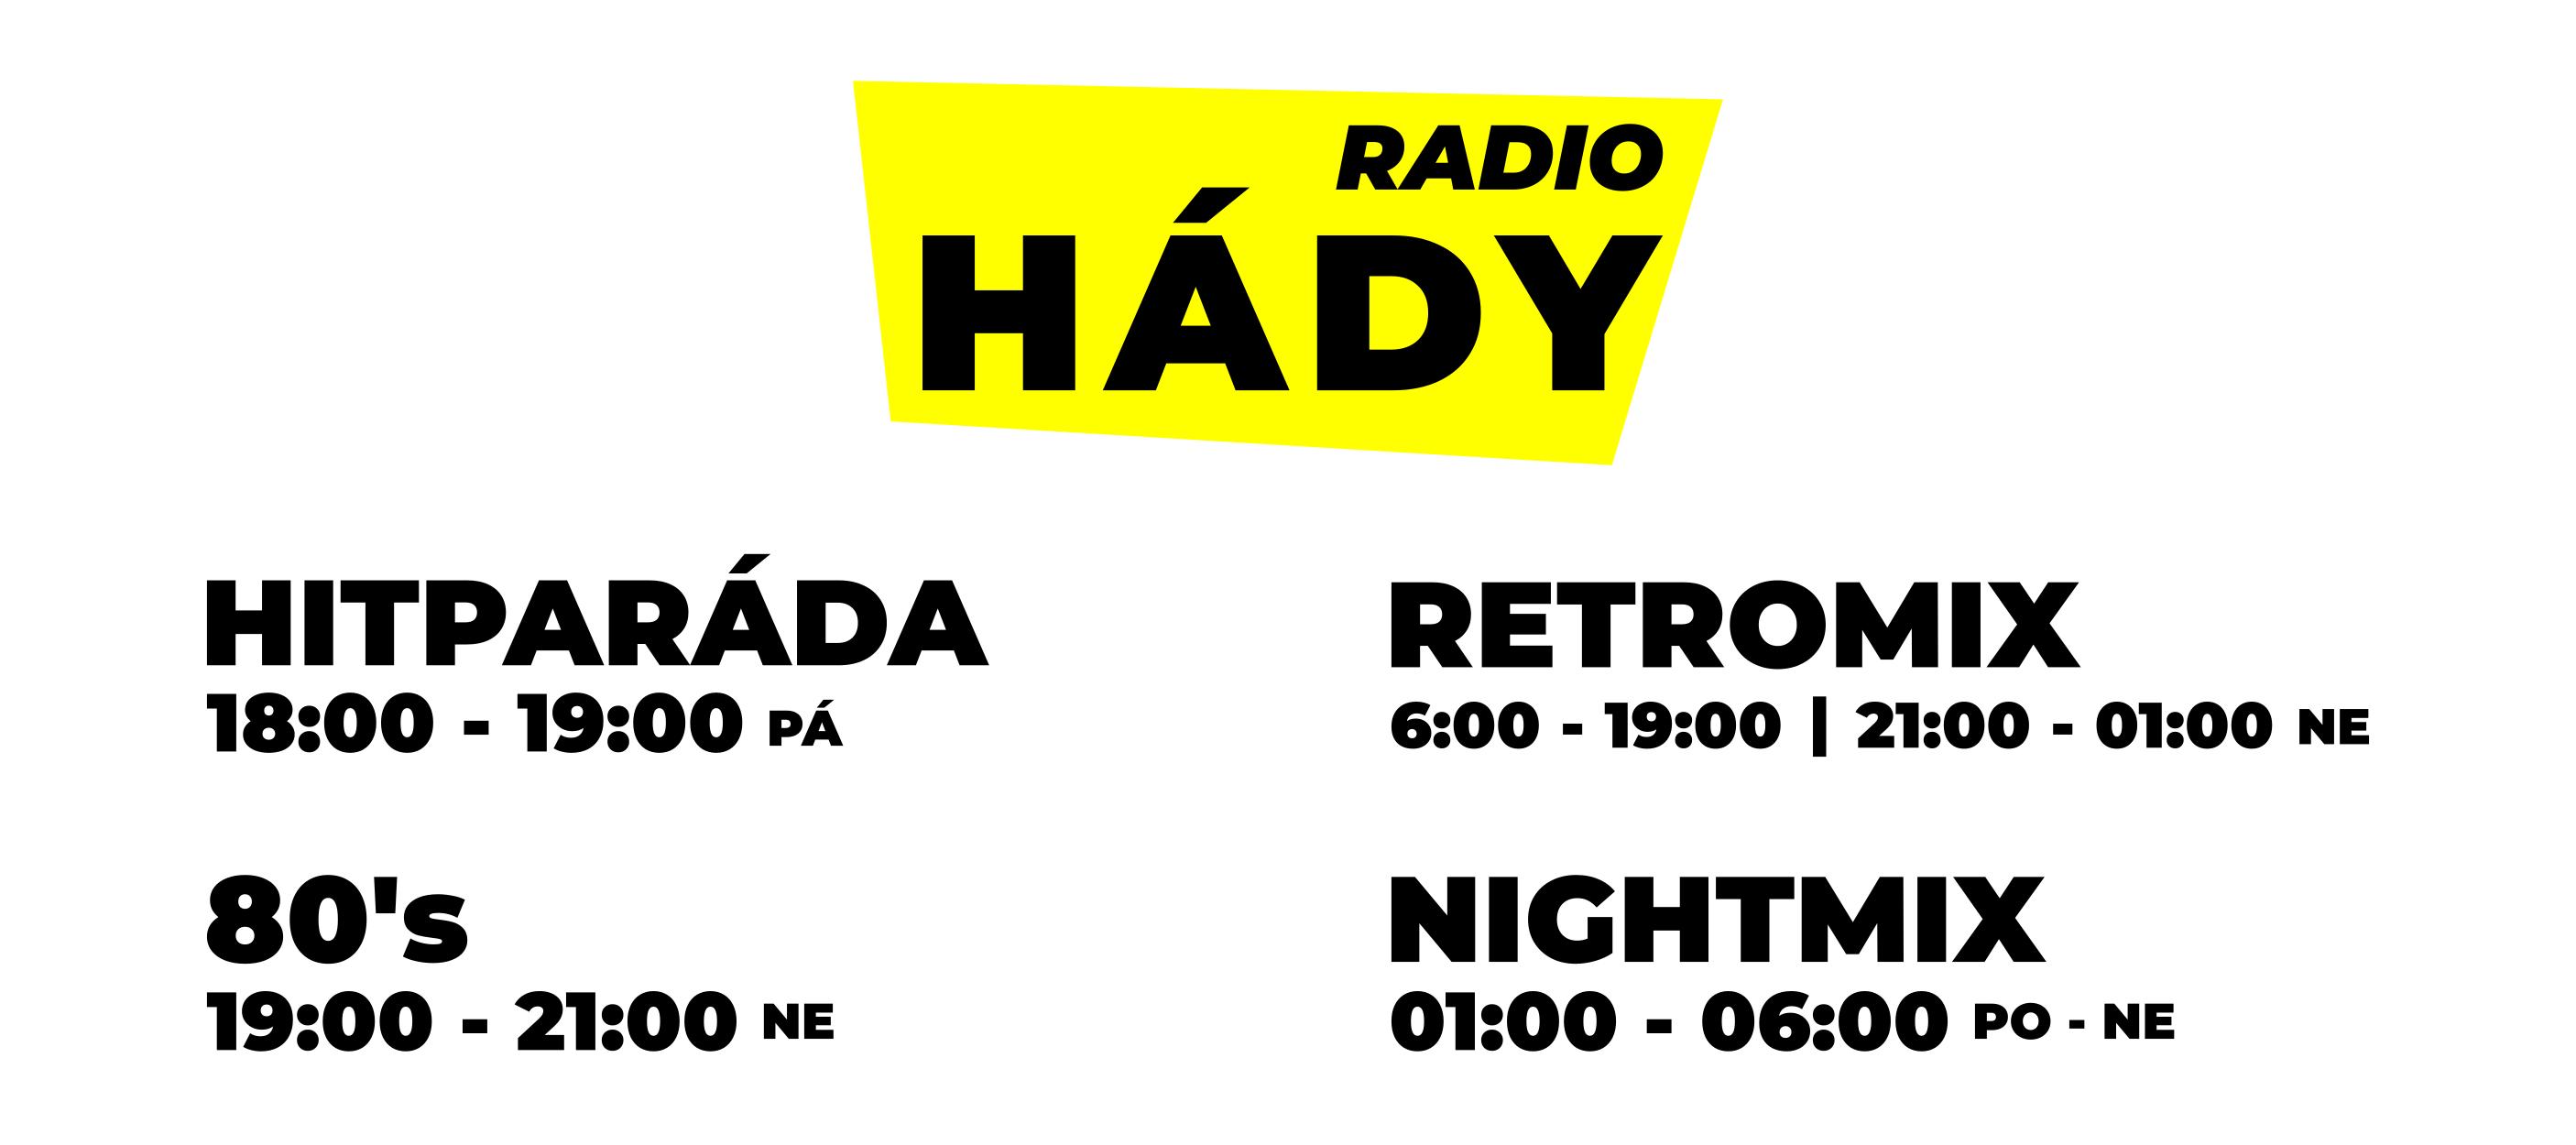 Rádio Hády